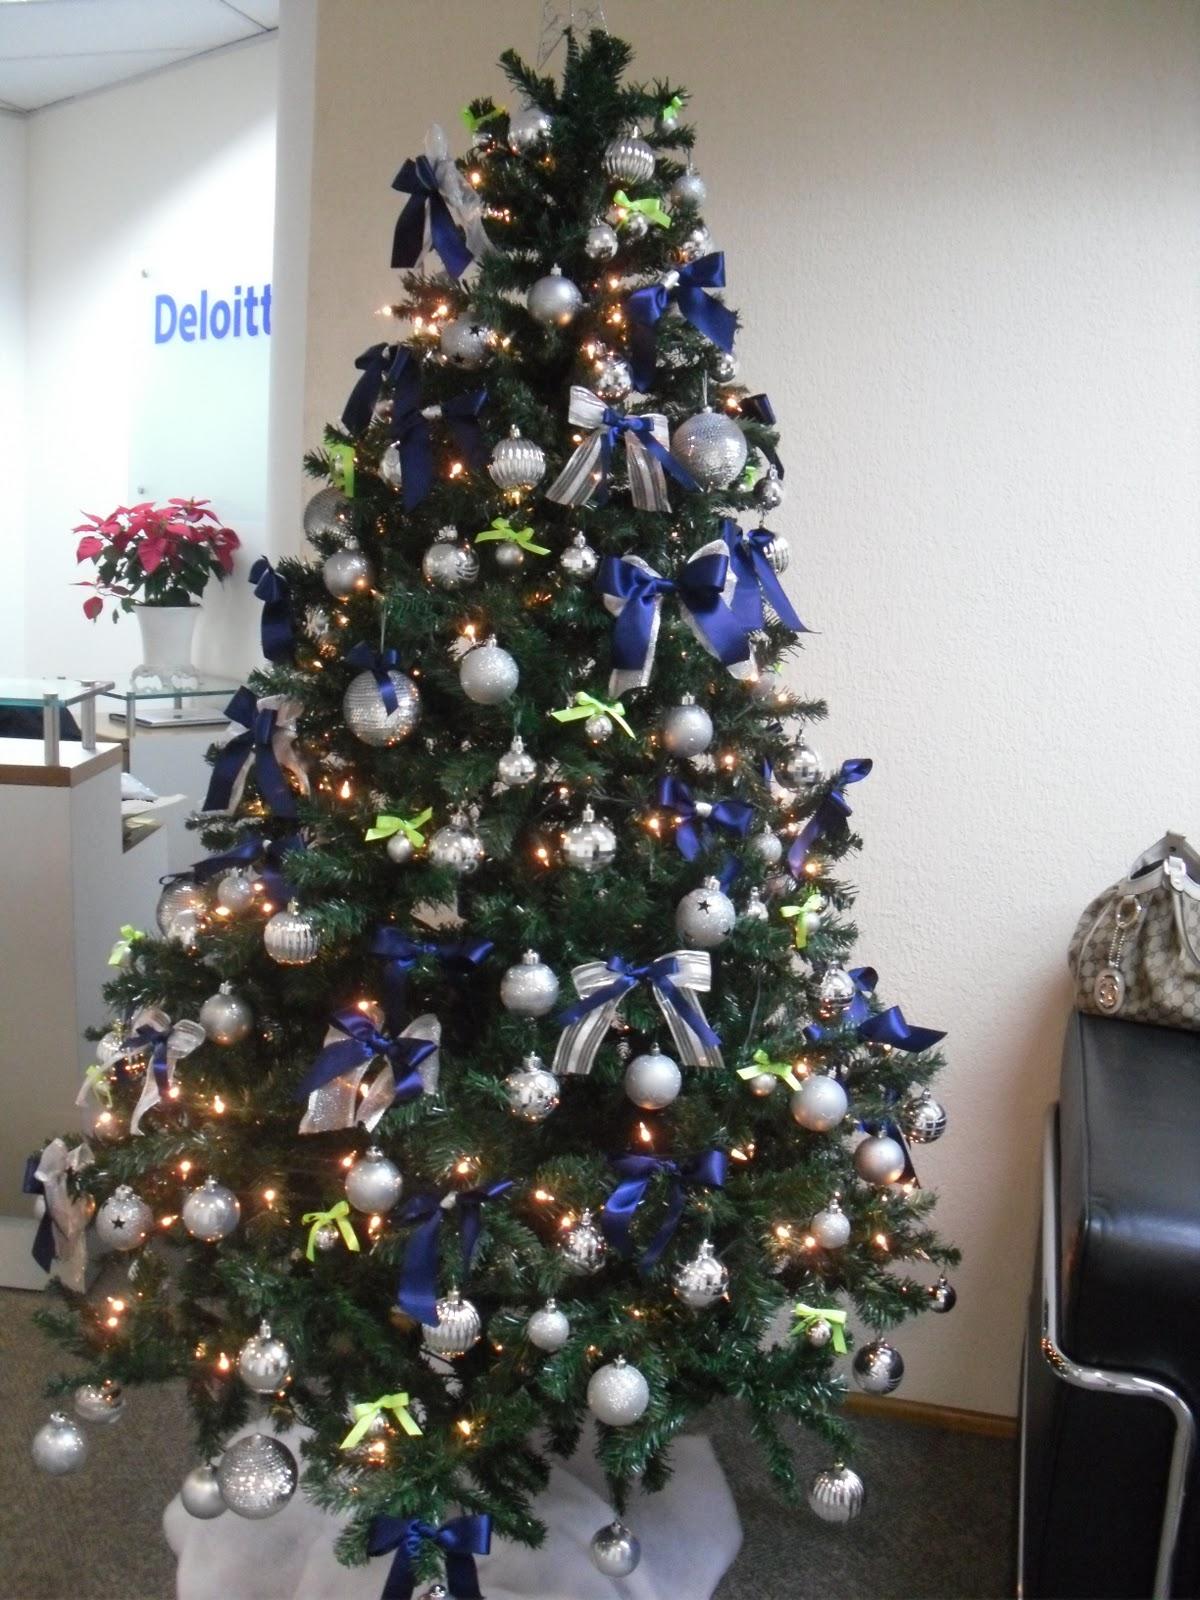 decoracao de arvore de natal azul e prata : decoracao de arvore de natal azul e prata:Essa foi a árvore de Natal que montamos para a empresa Deloitte.